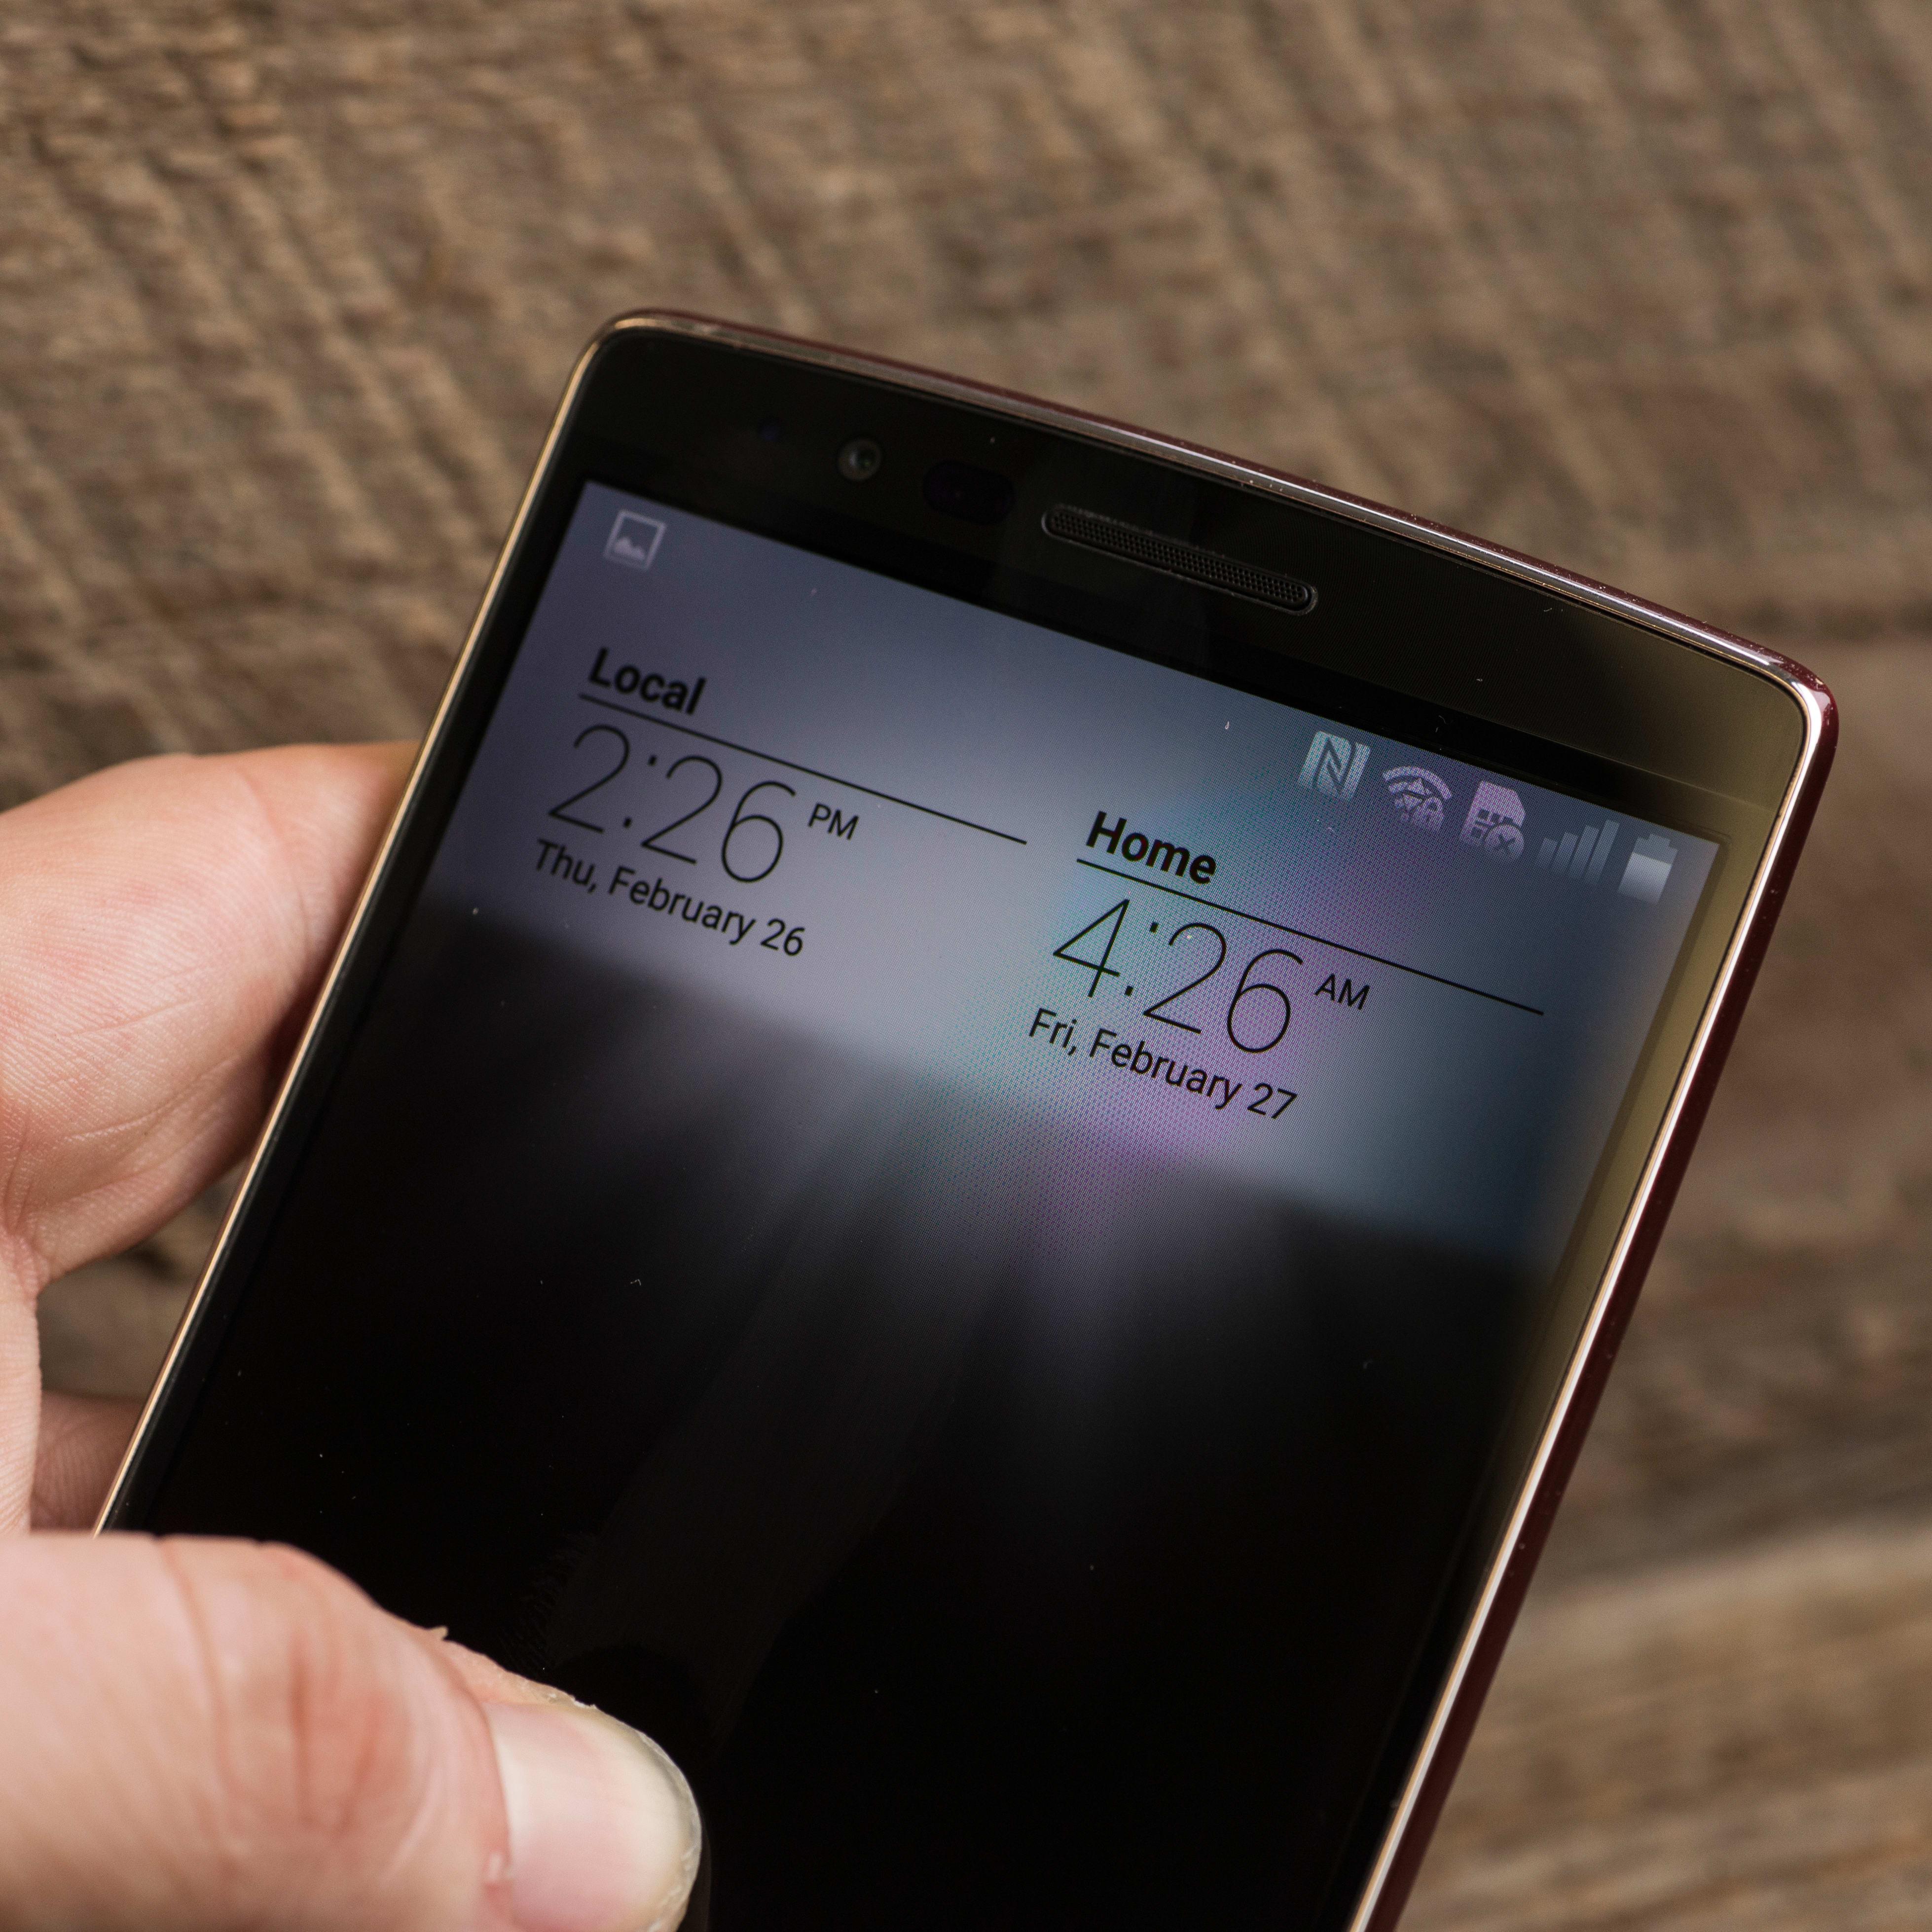 A photograph of the LG G Flex 2's hidden notifications.